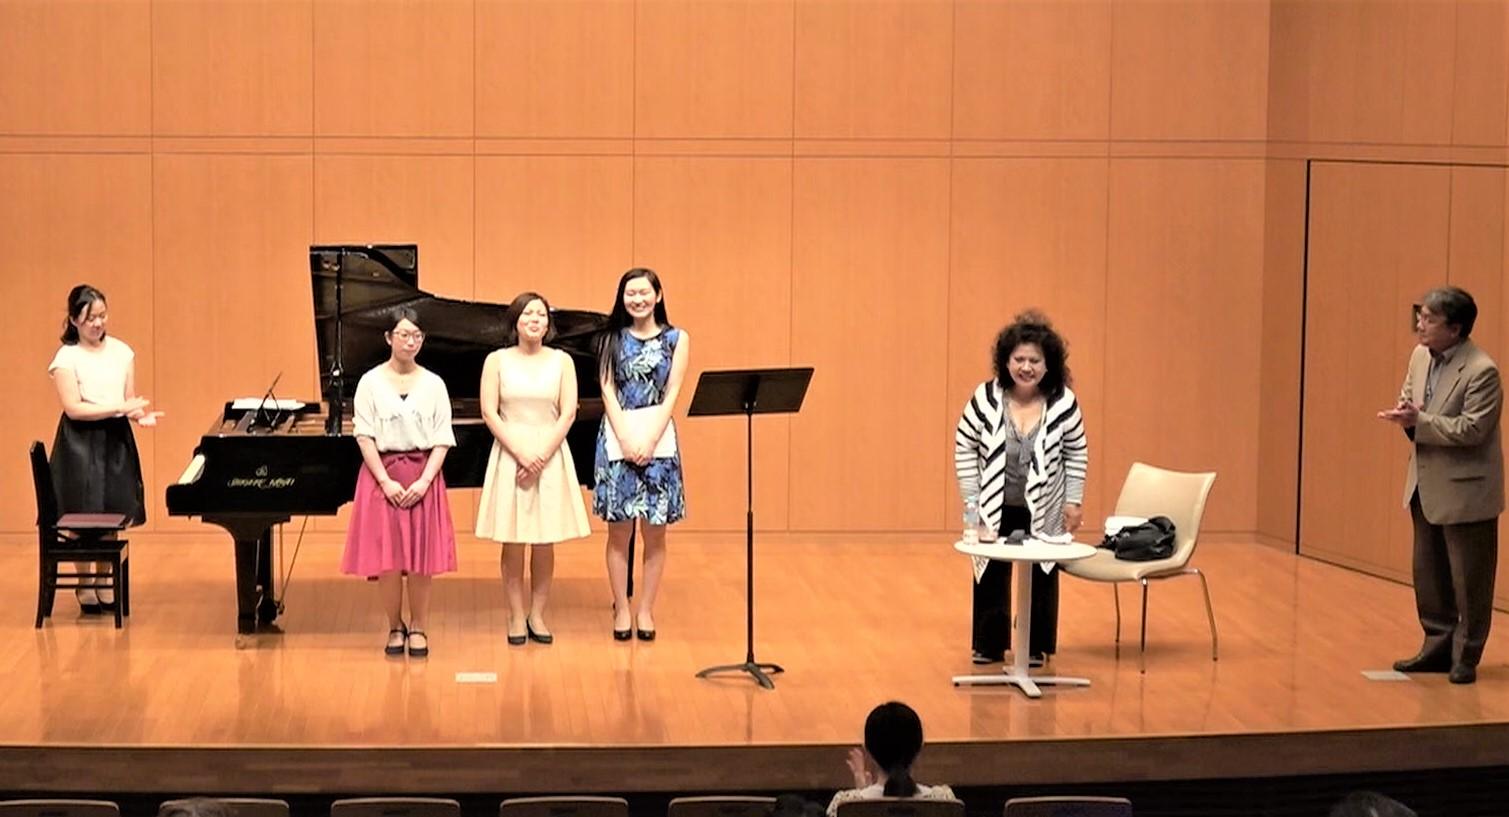 林康子客員教授の公開講座「イタリアの音楽と声」が行われました!